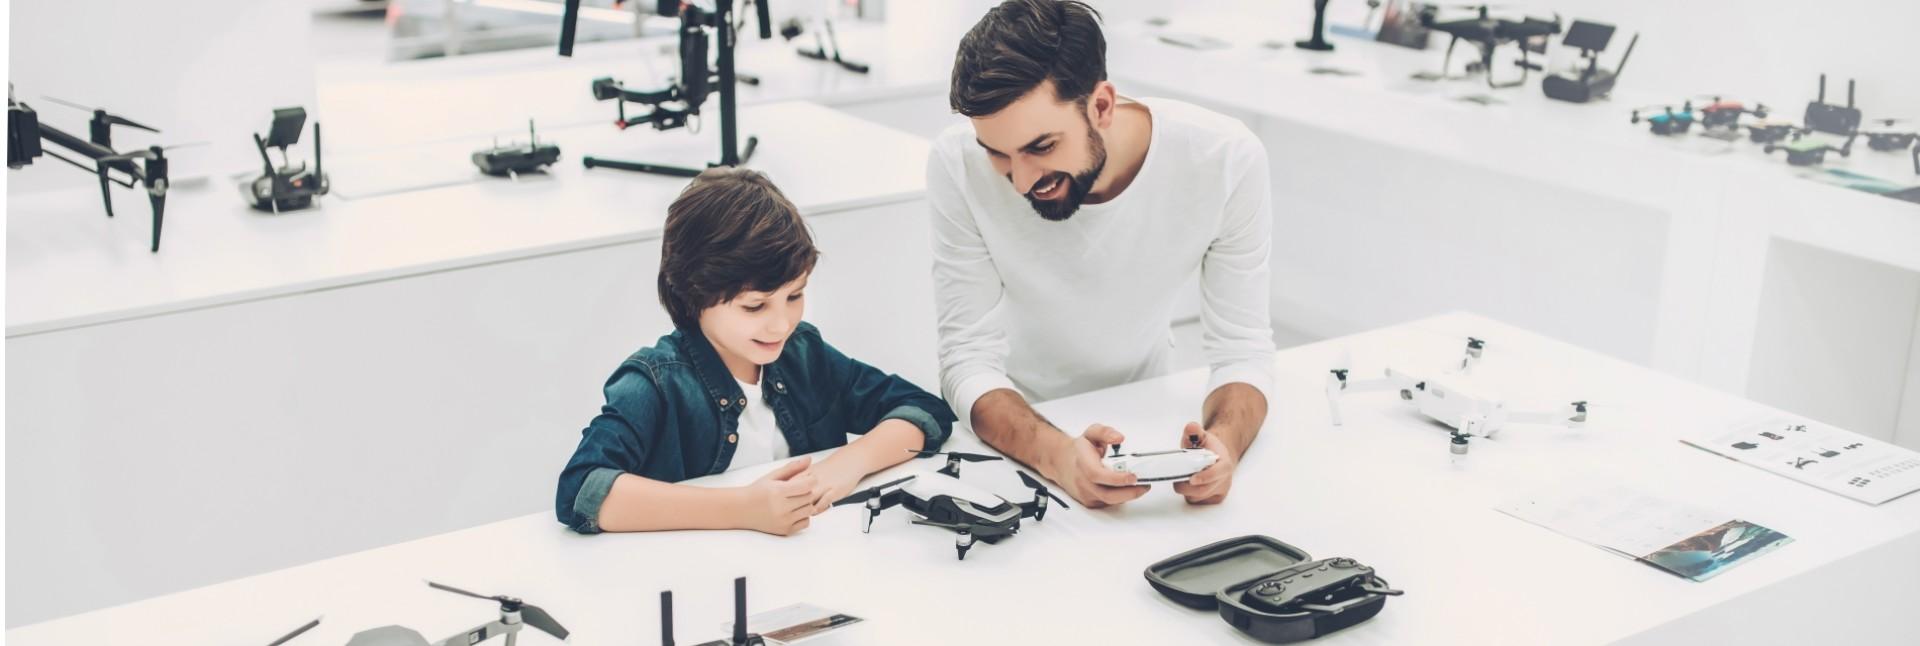 Курсы по конструированию и пилотированию квадрокоптеров для школьников